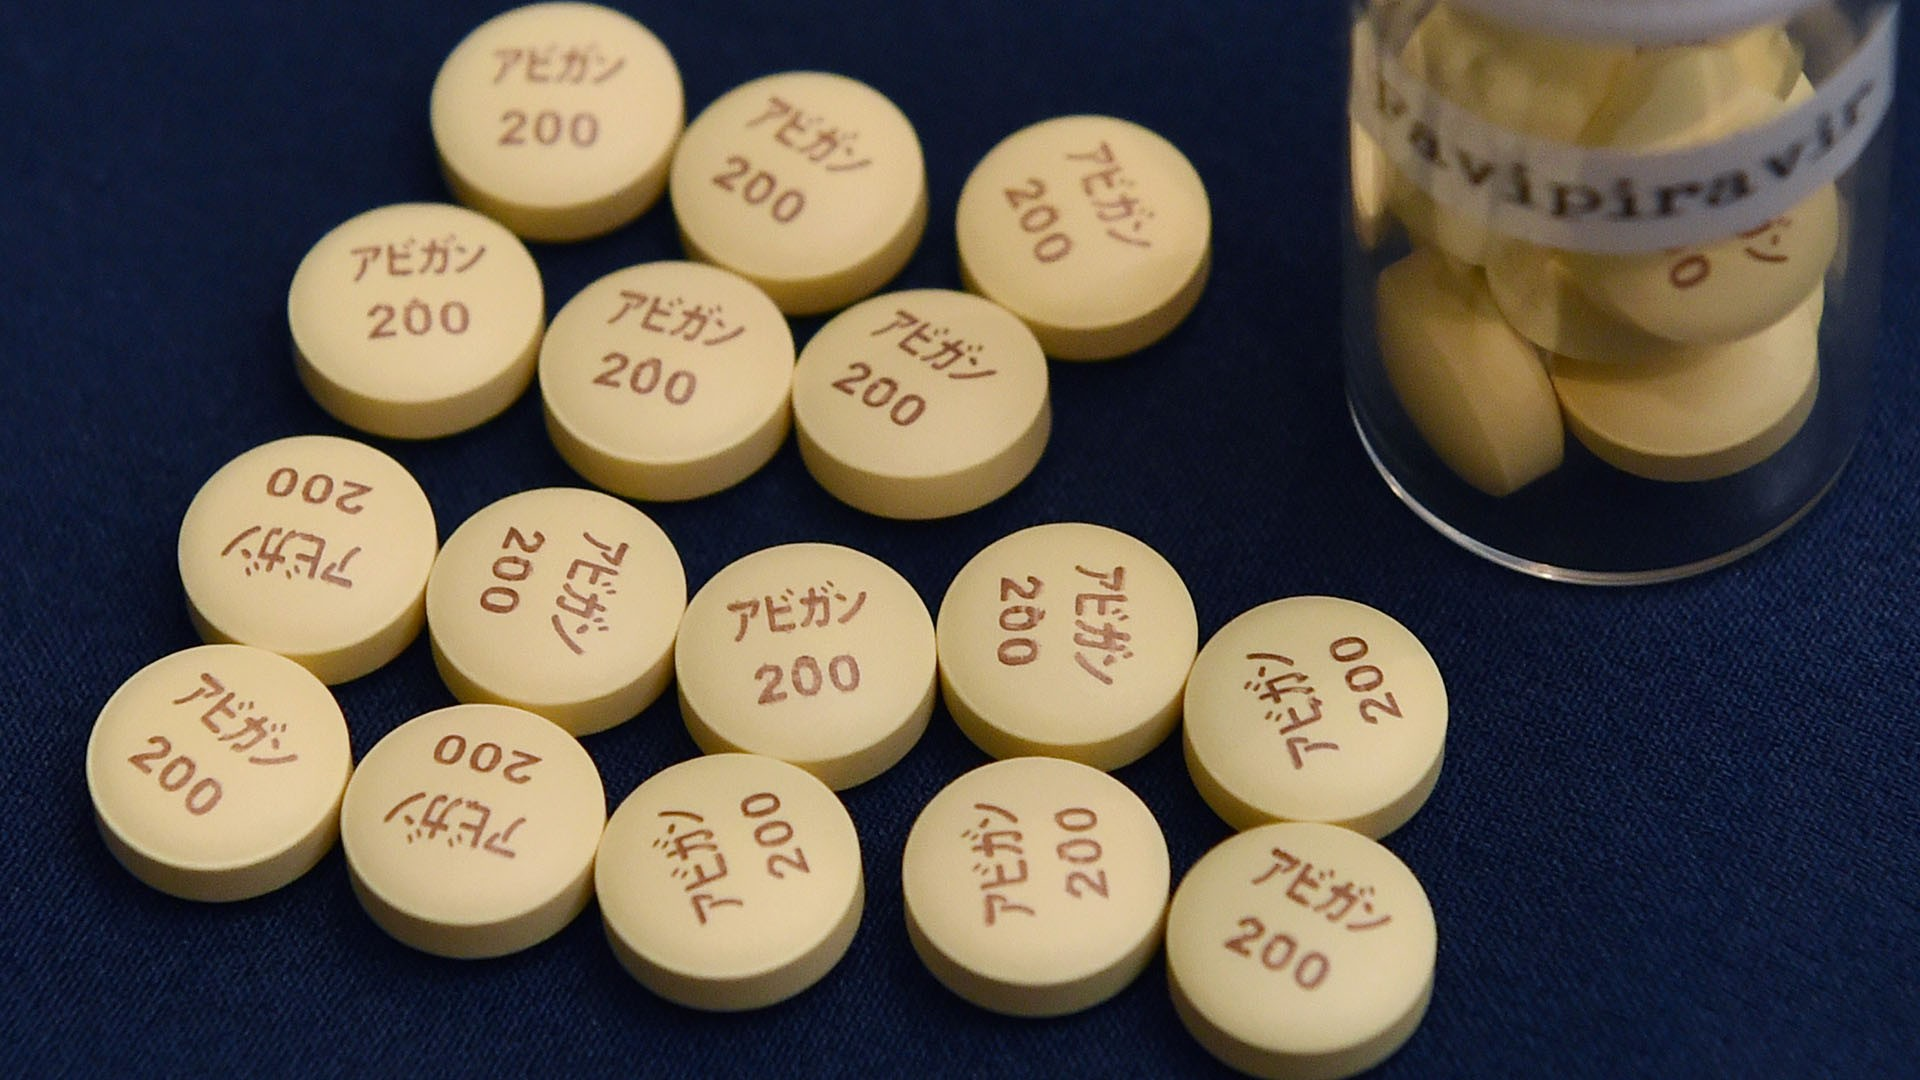 مصر-تبدأ-تصنيع-دواء-فافيبيرافير-لعلاج-فيروس-كورونا